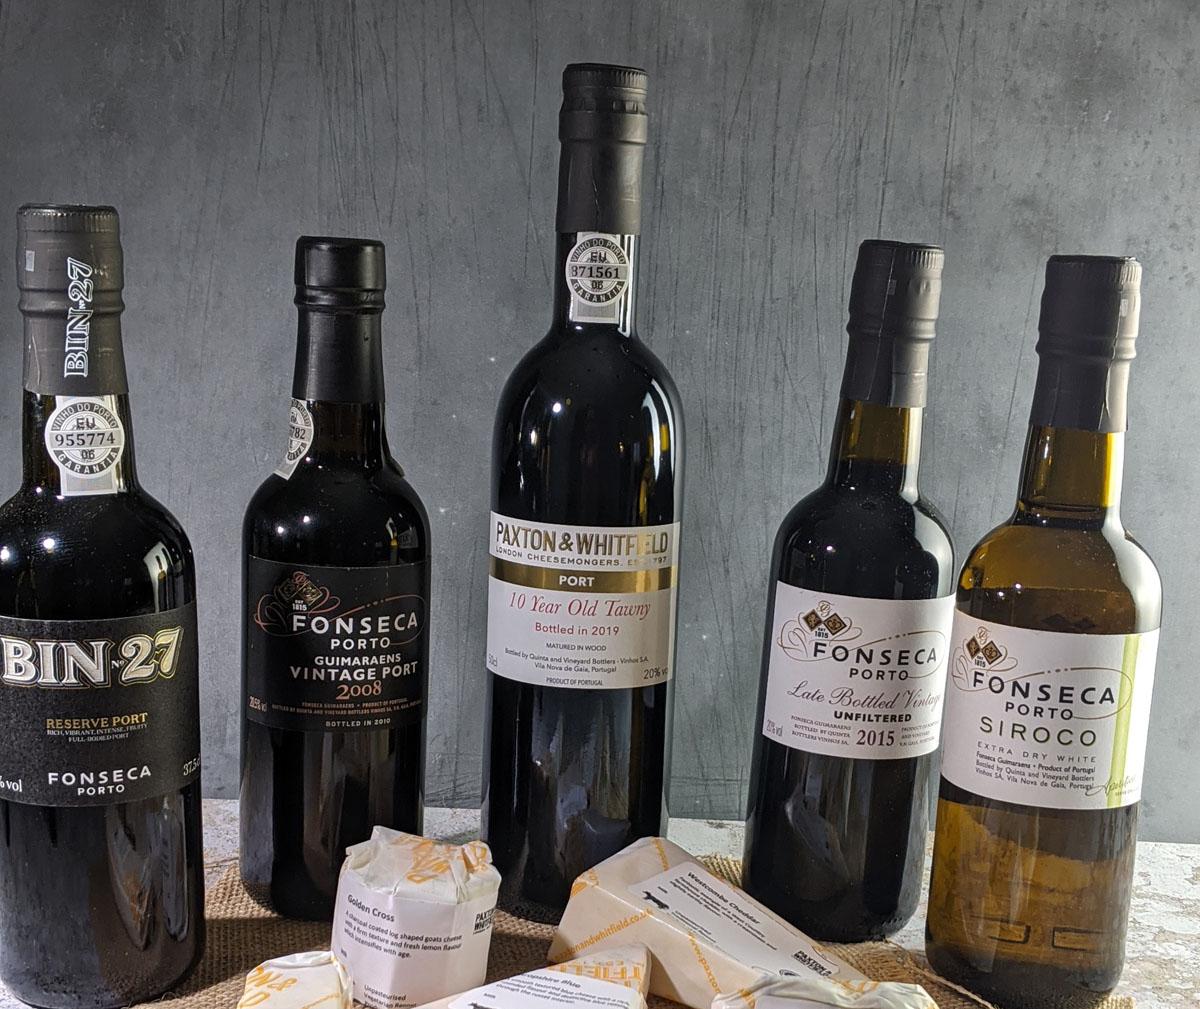 Port varieties